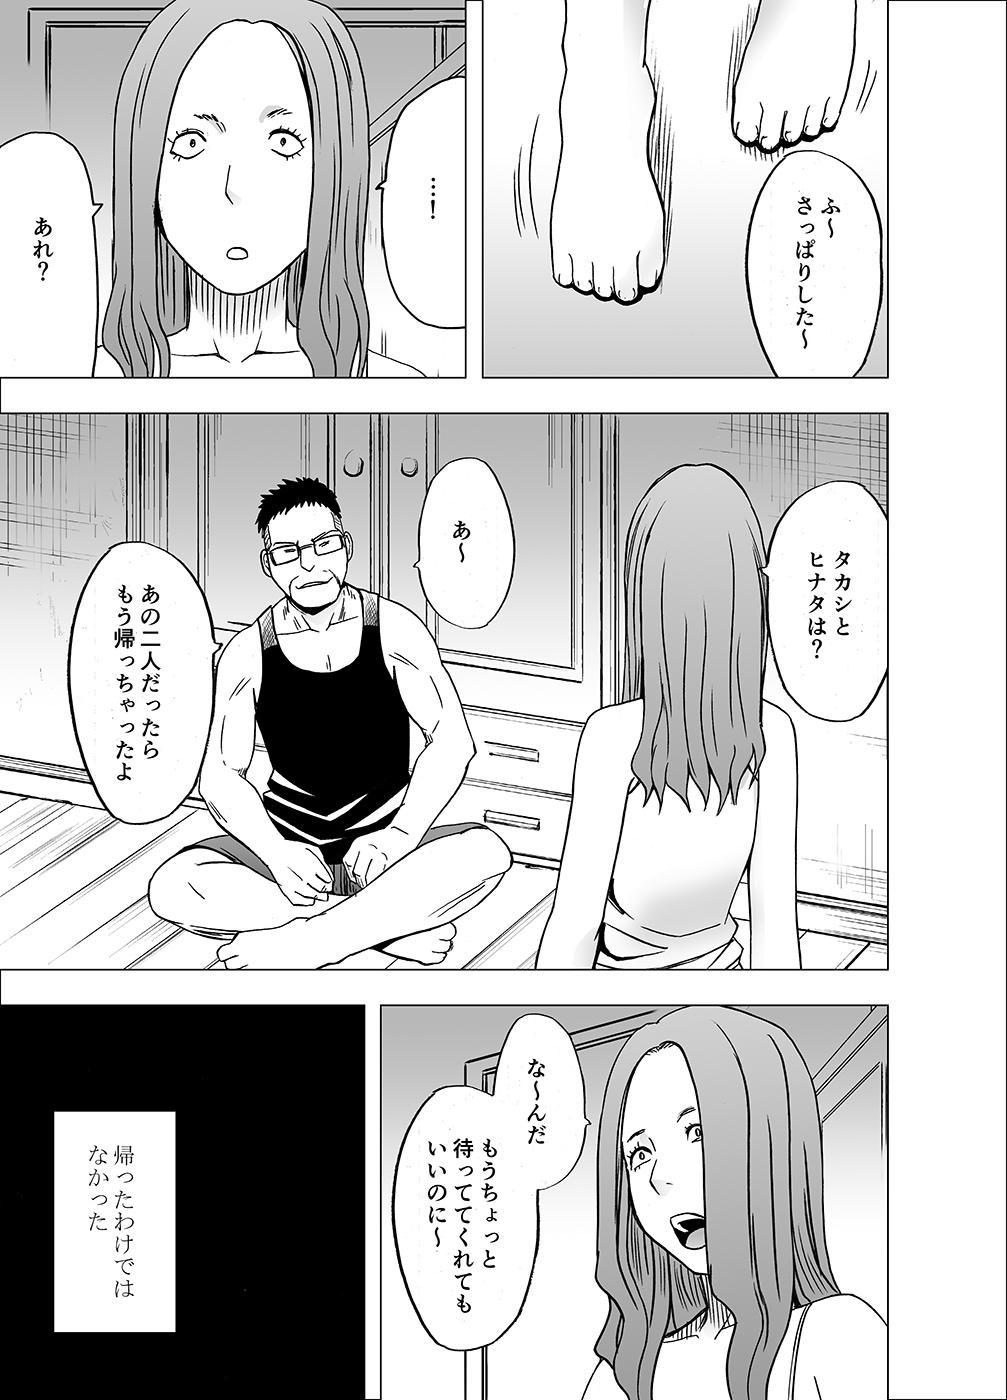 Ane no Kareshi ni Osaetsukerare Muriyari Mune ya Asoko o Sawarare... 22